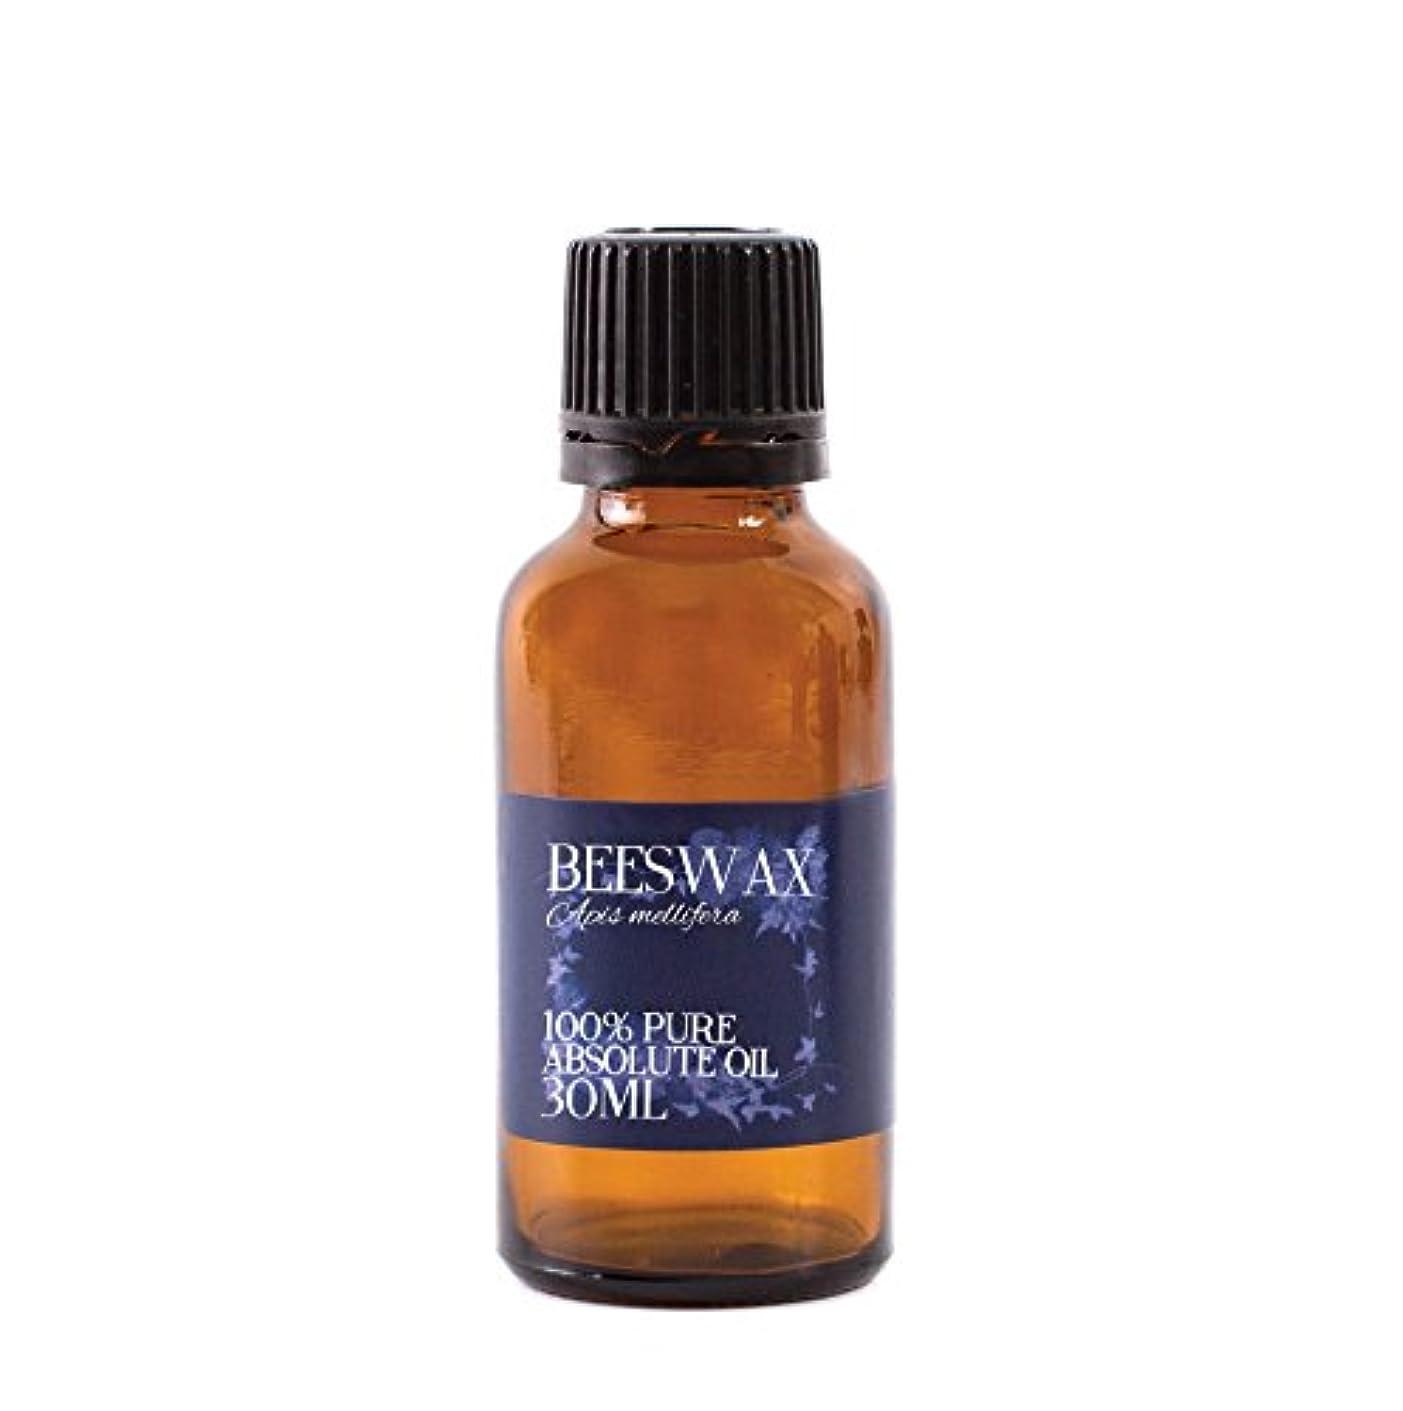 債務含む紀元前Beeswax Absolute Oil 30ml - 100% Pure